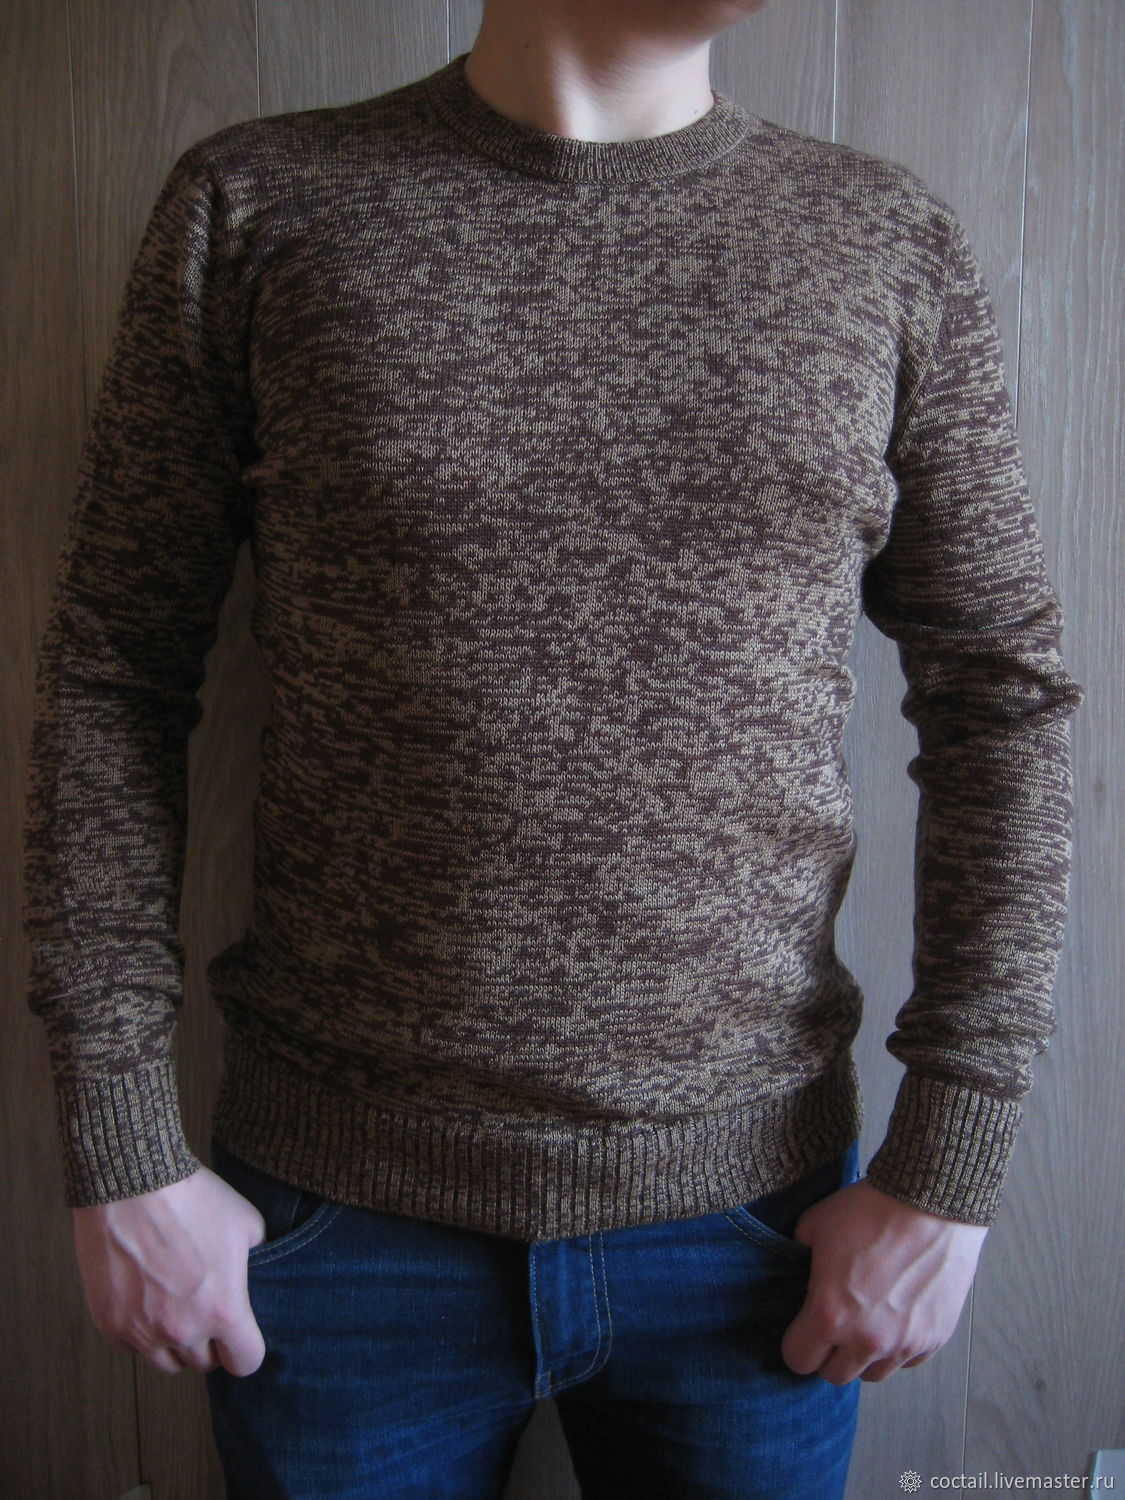 """Вязаный мужской пуловер """" Truffle mix"""", Пуловеры, Москва,  Фото №1"""